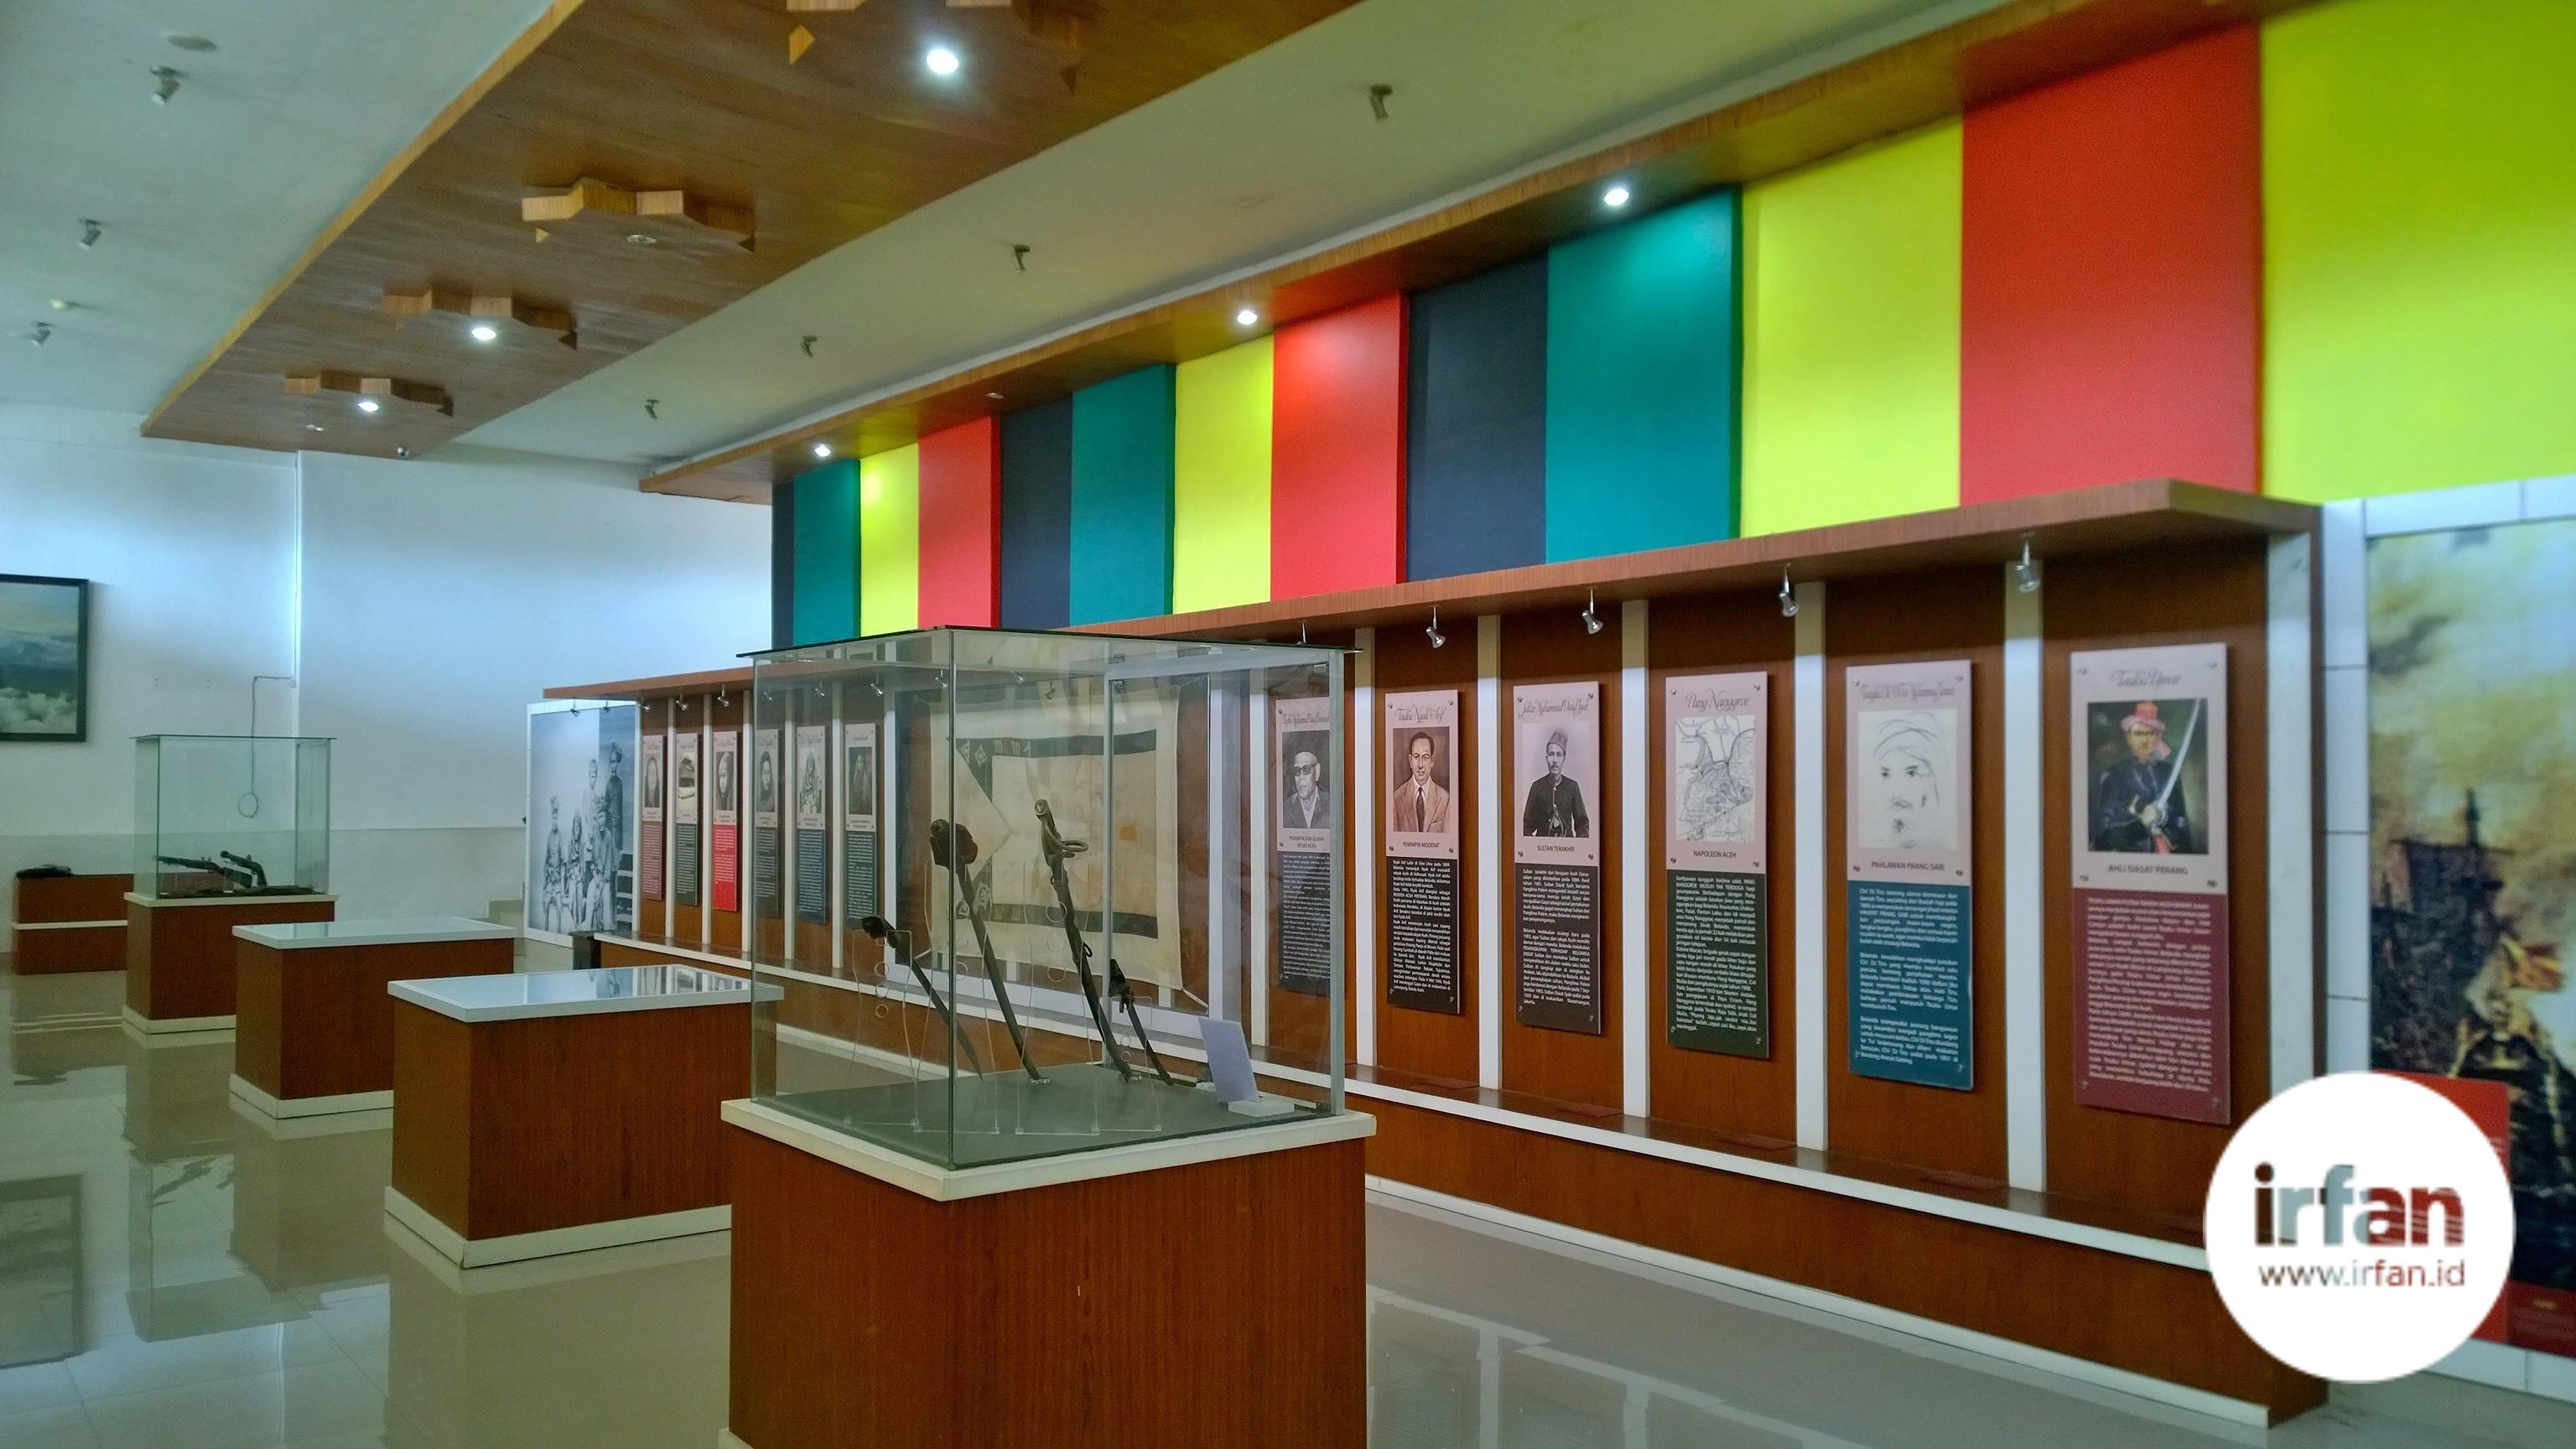 FOTO: Museum Negeri Aceh, Wisata Sejarah Yang Wajib Dikunjungi 11